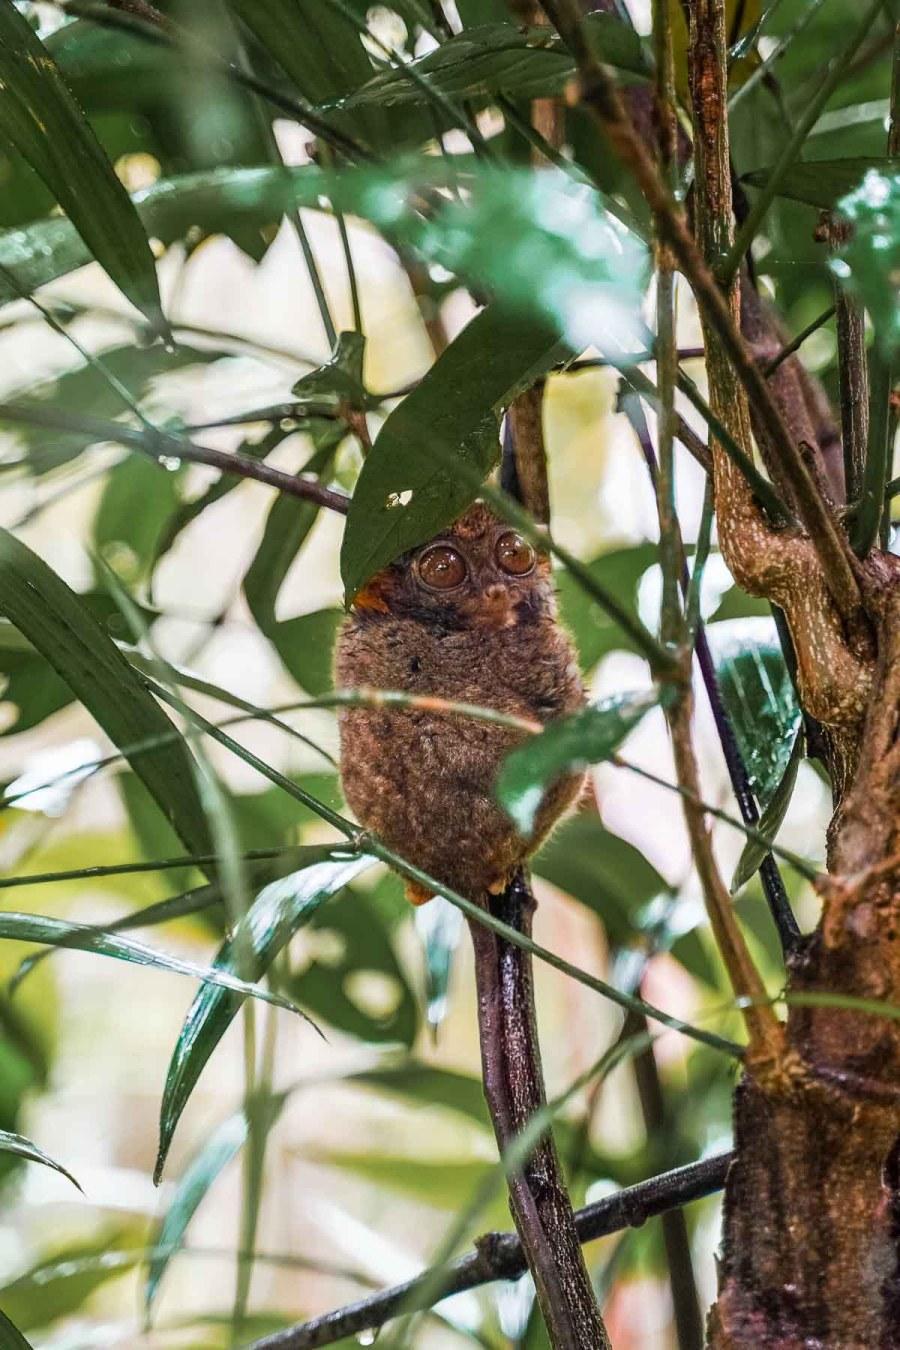 Cute looking tarsier in the